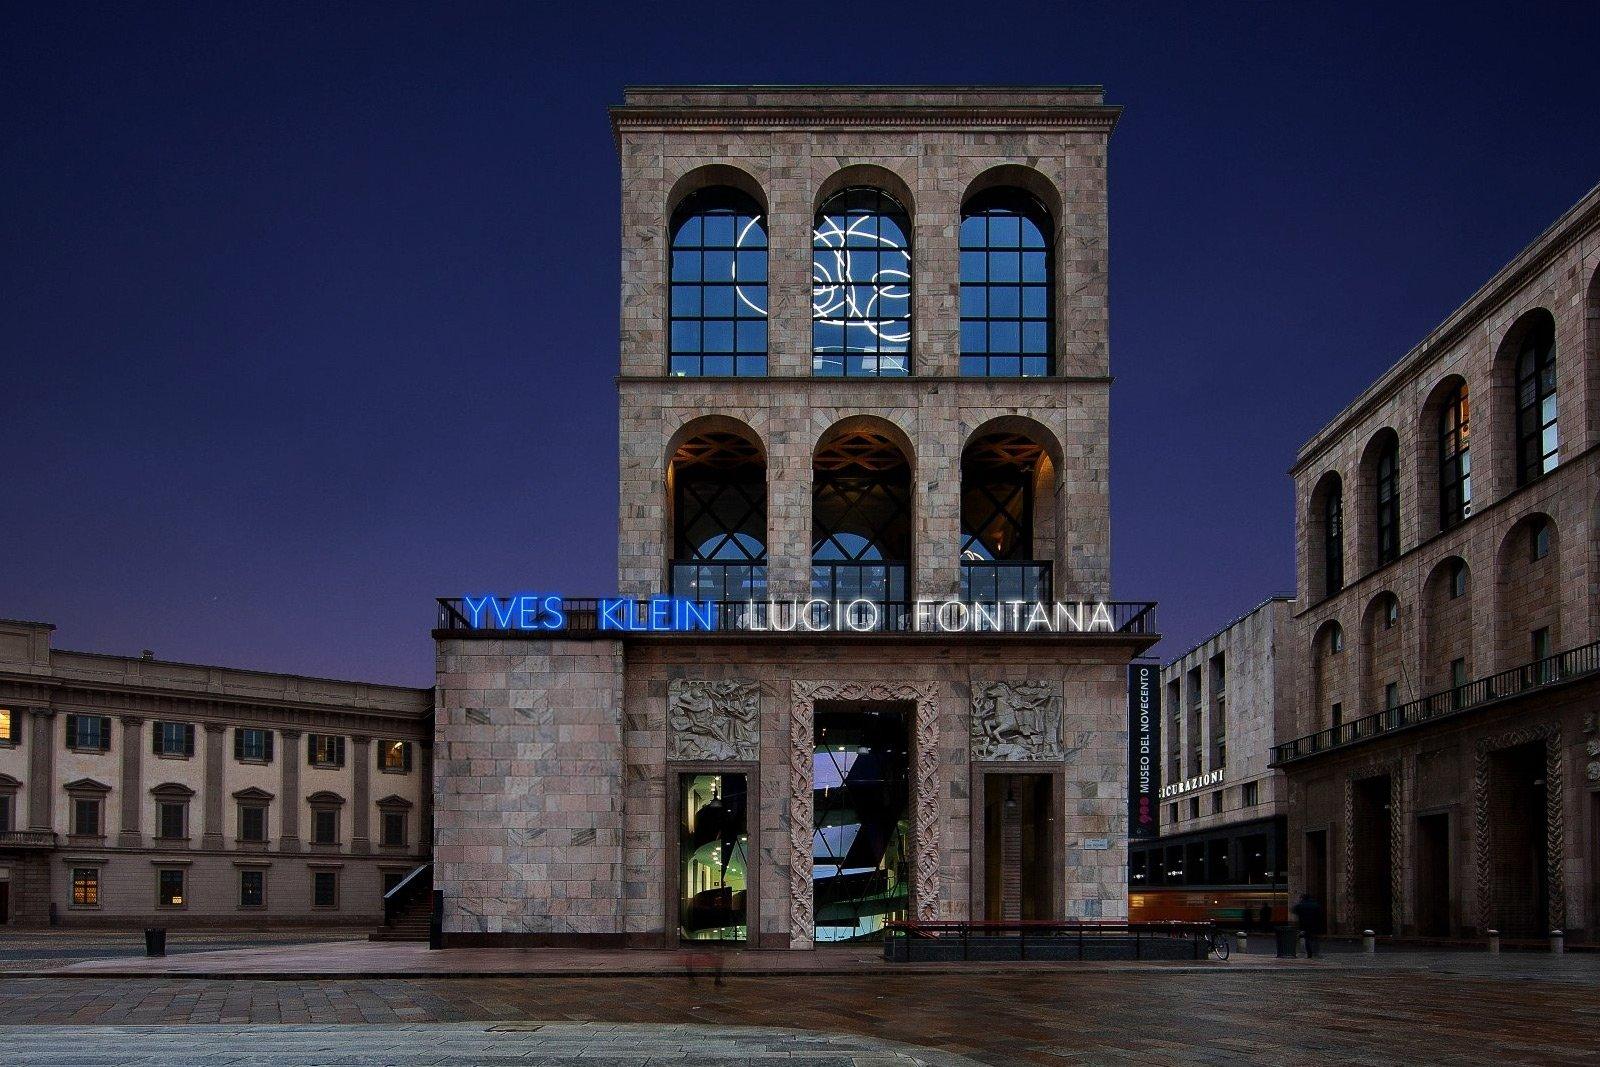 Museo Del 900 Milano.Museo Del Novecento Milan